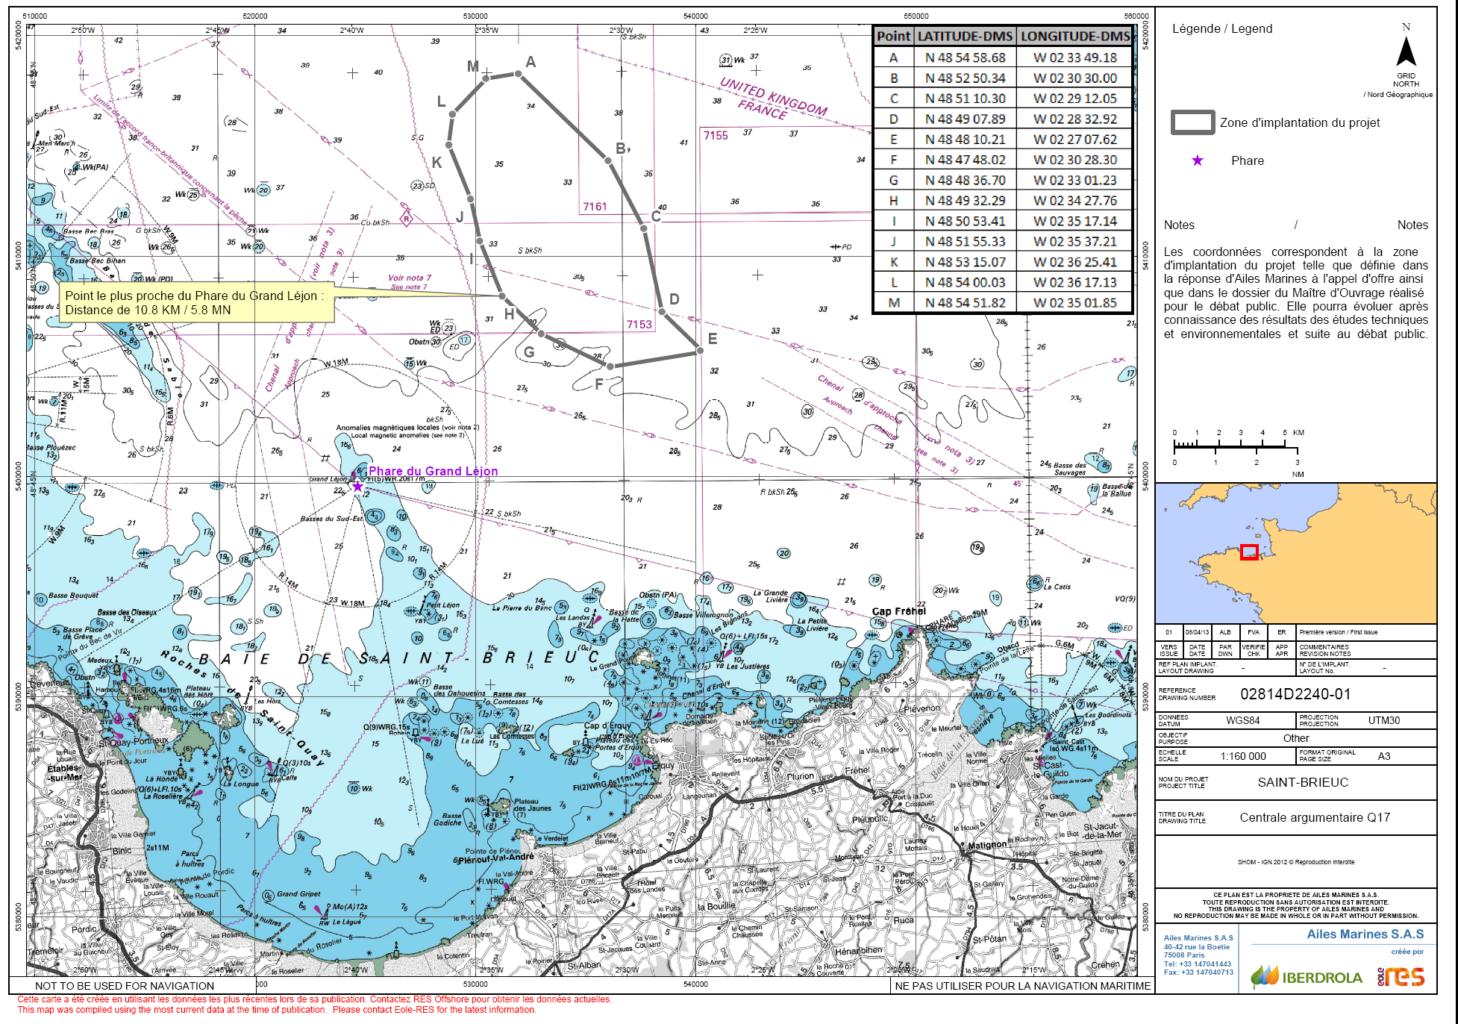 Carte projet énergies marines renouvelables éolien en baie de saint-brieuc